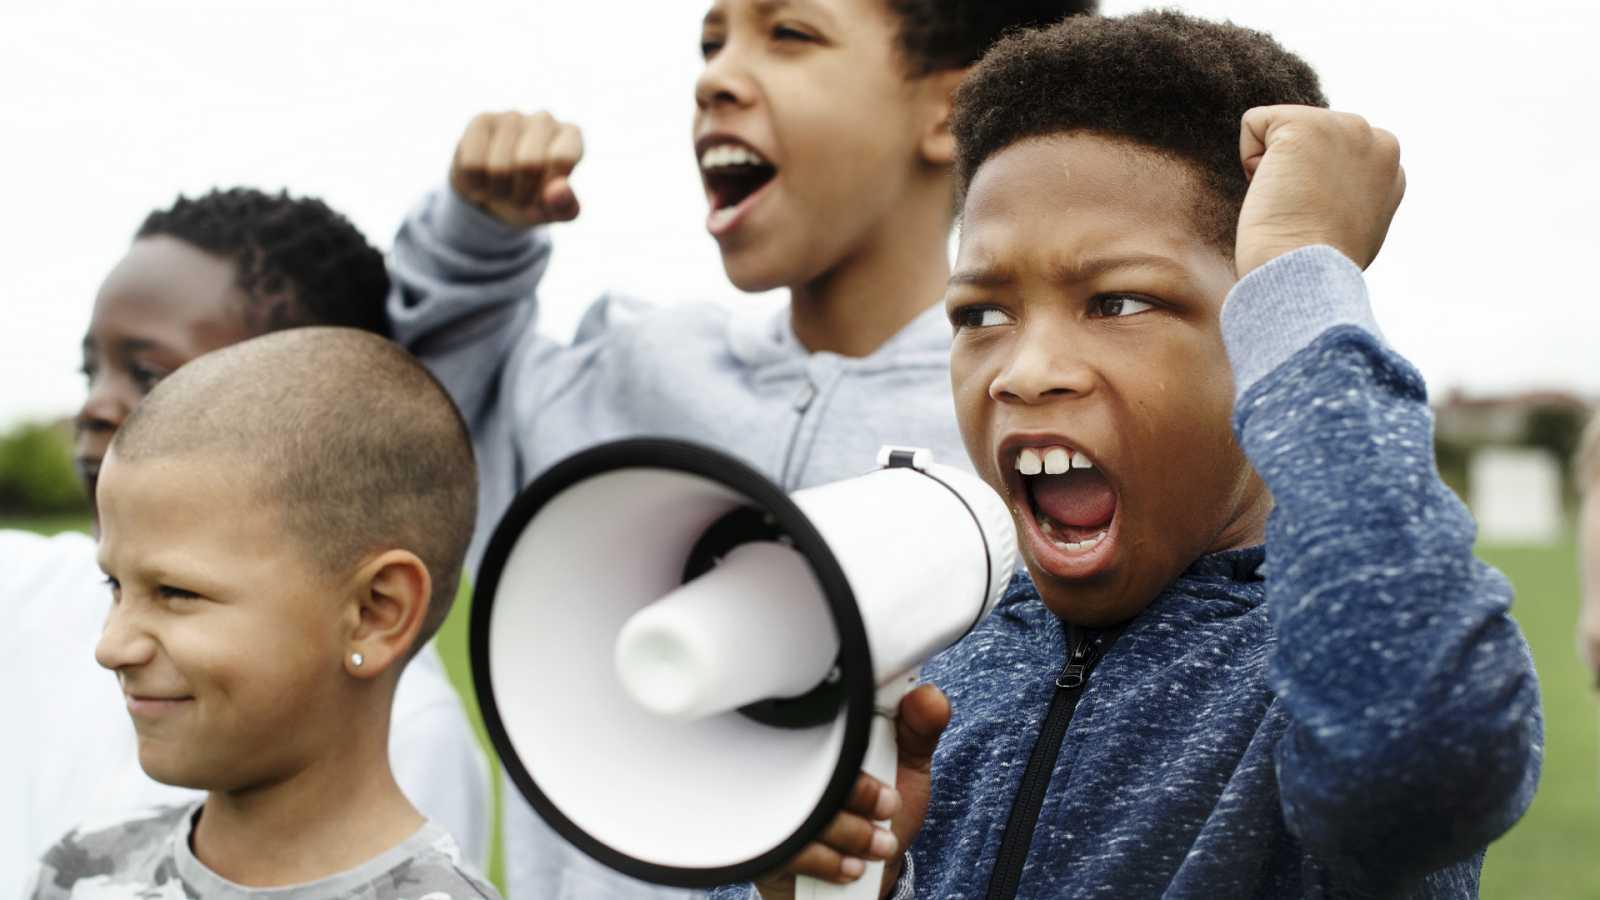 La estación azul de los niños - Derechos para todos - 21/11/20 - escuchar ahora